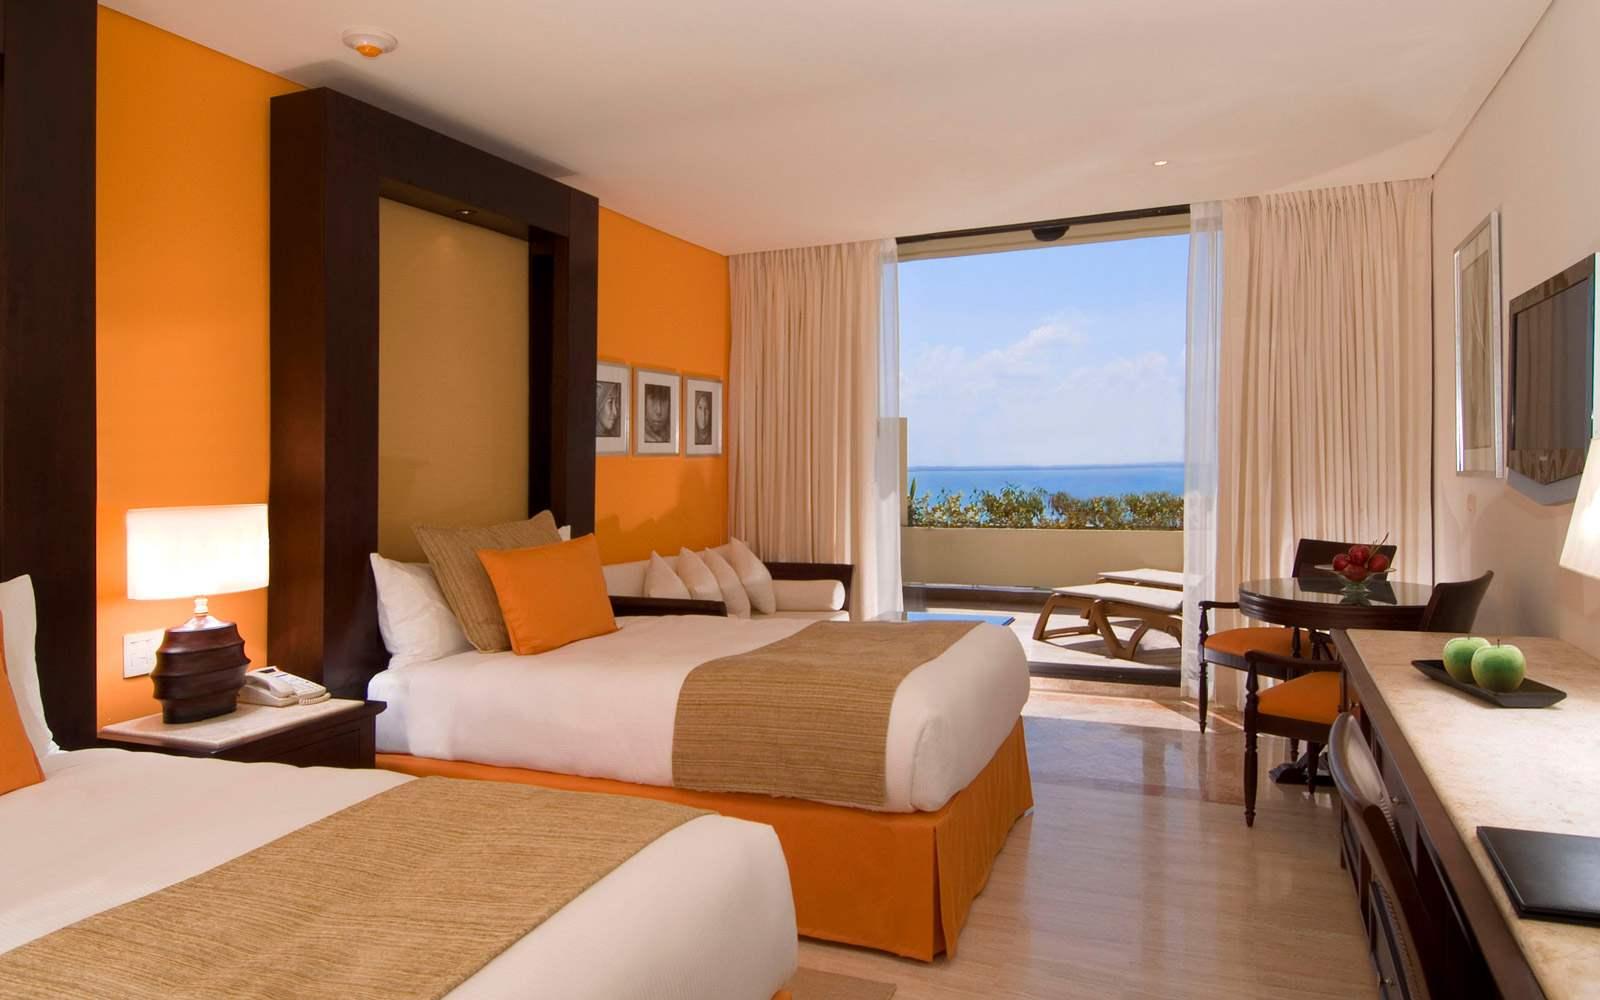 Melia Paradisus Cancun Deluxe Room